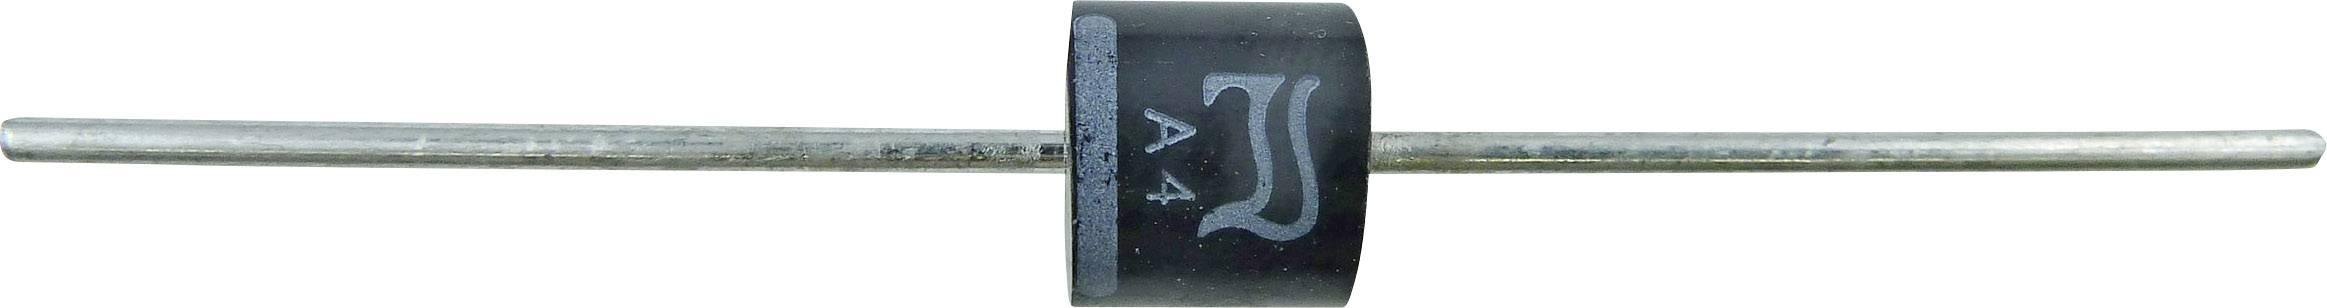 Křemíková výkonová dioda 6 A Diotec P 600 A = R 250 A, 50 V, 6 A